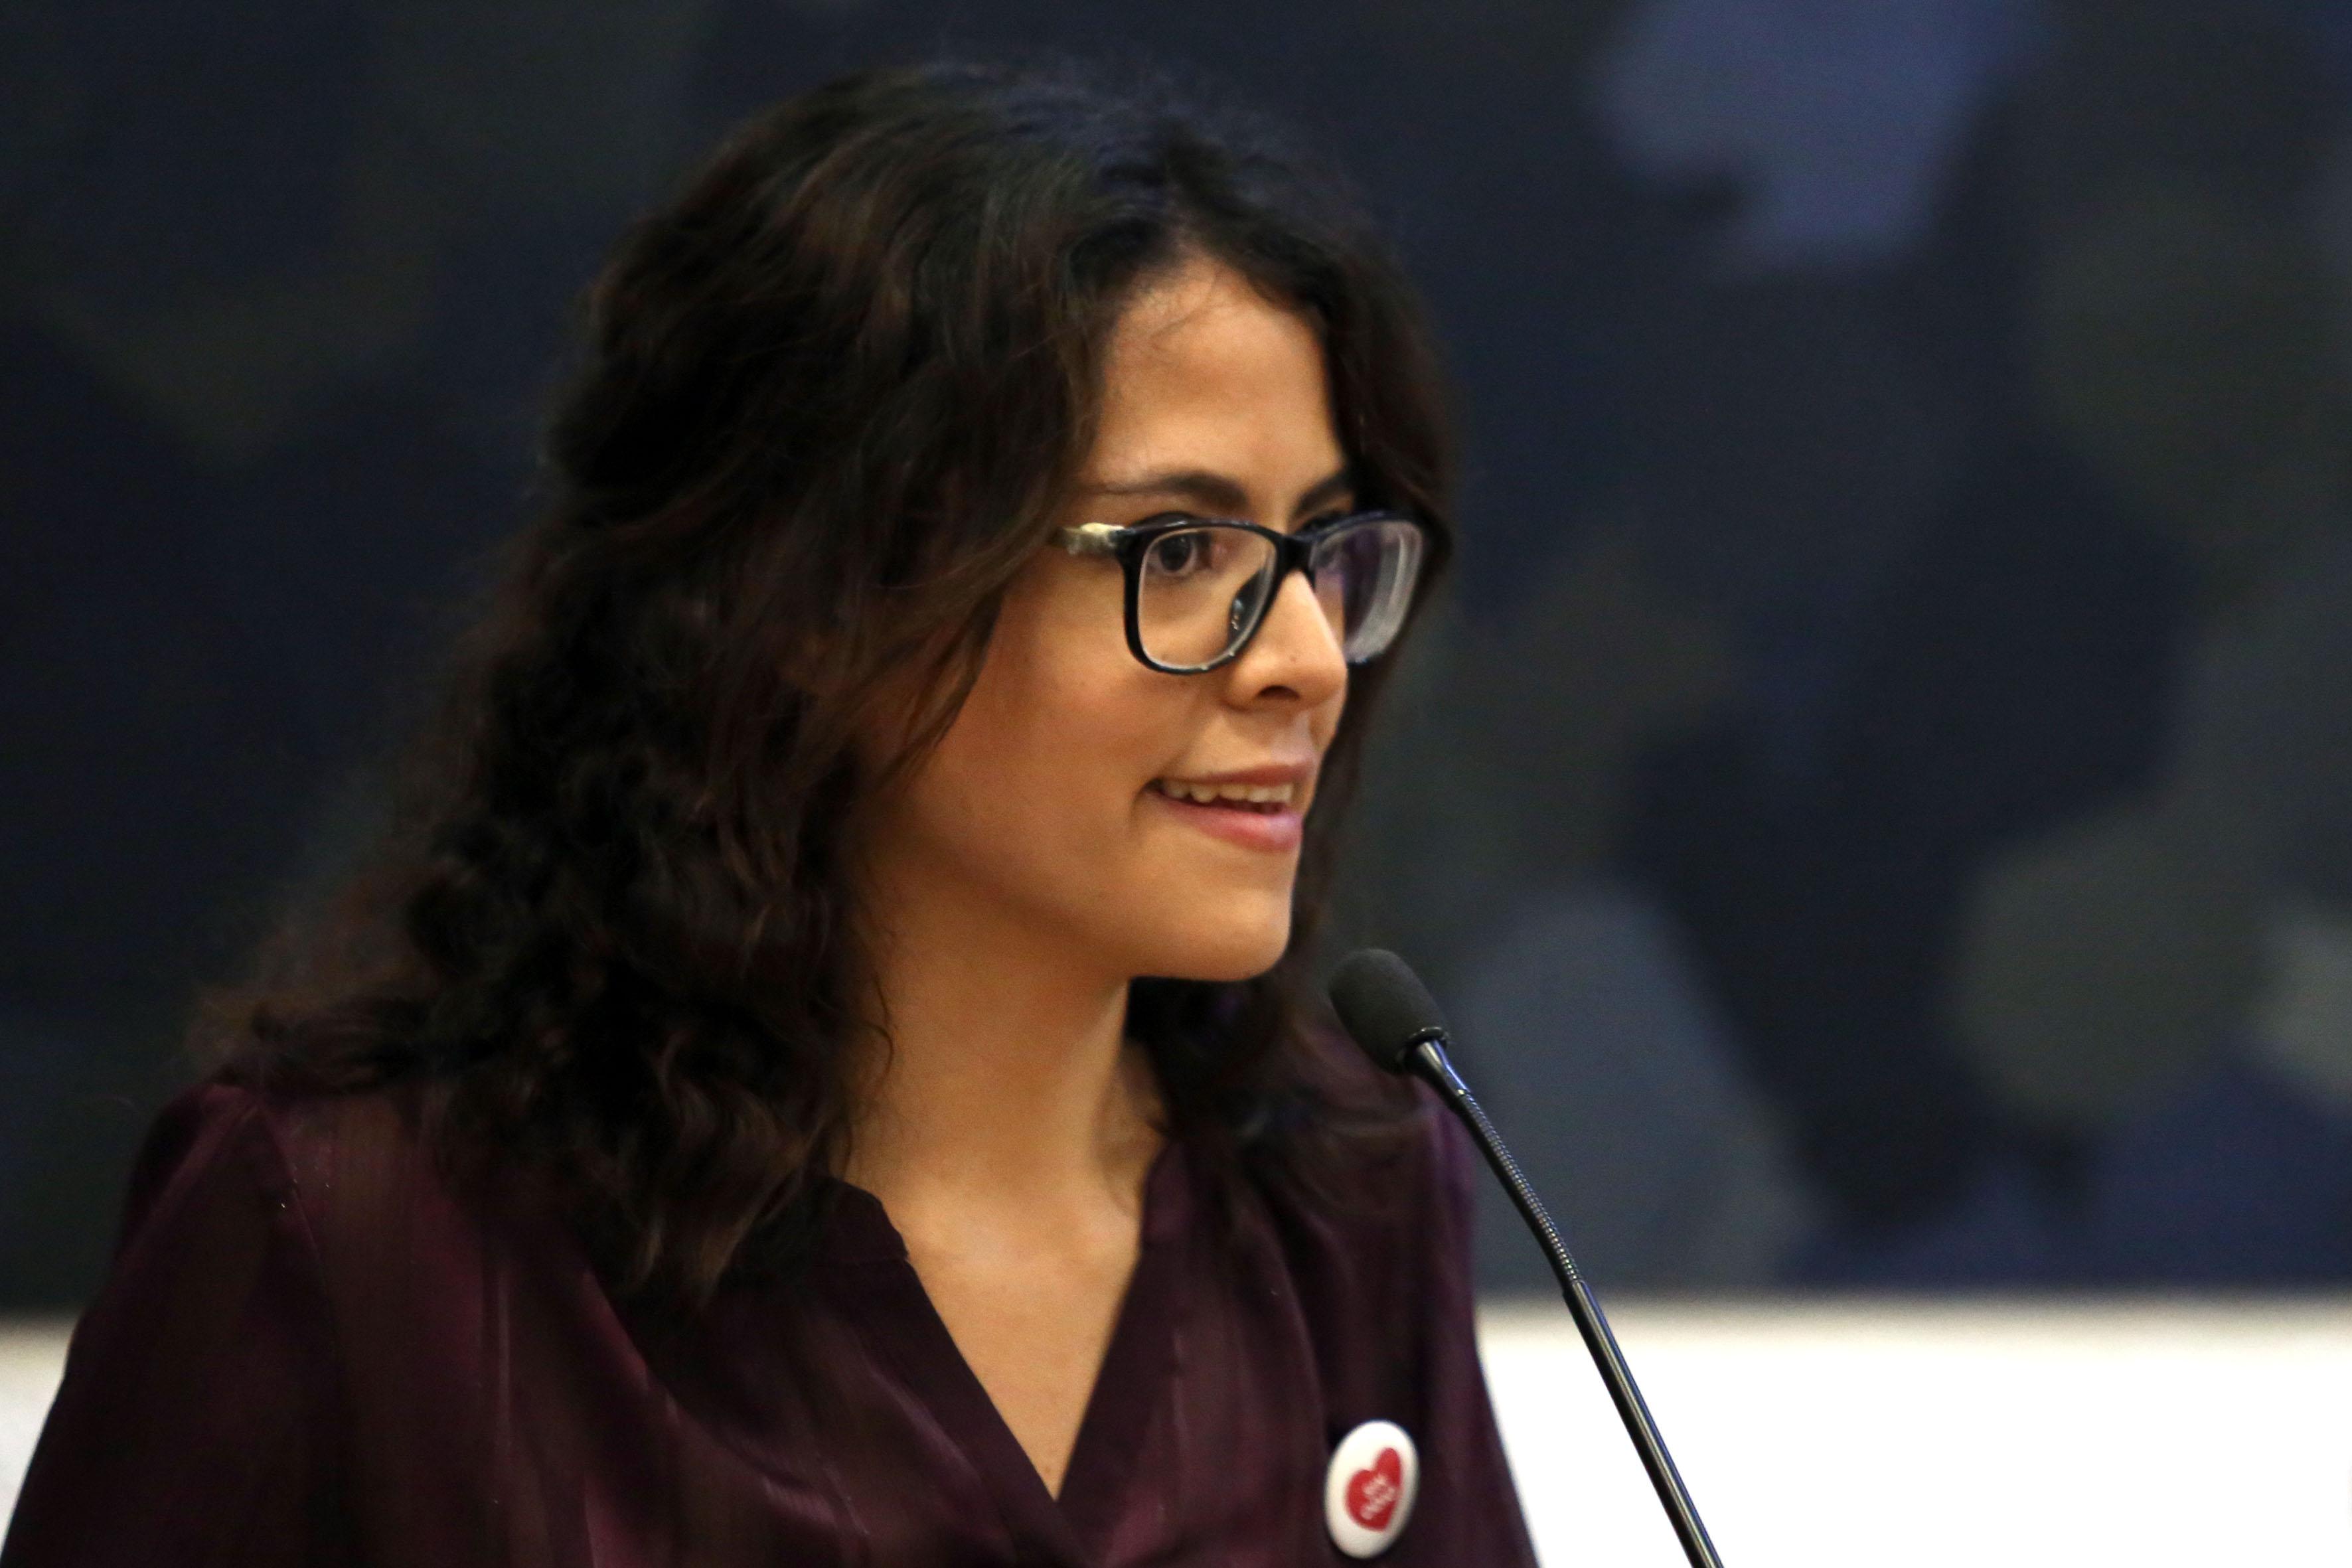 Representante de la Comisión Nacional para Prevenir la Discriminación